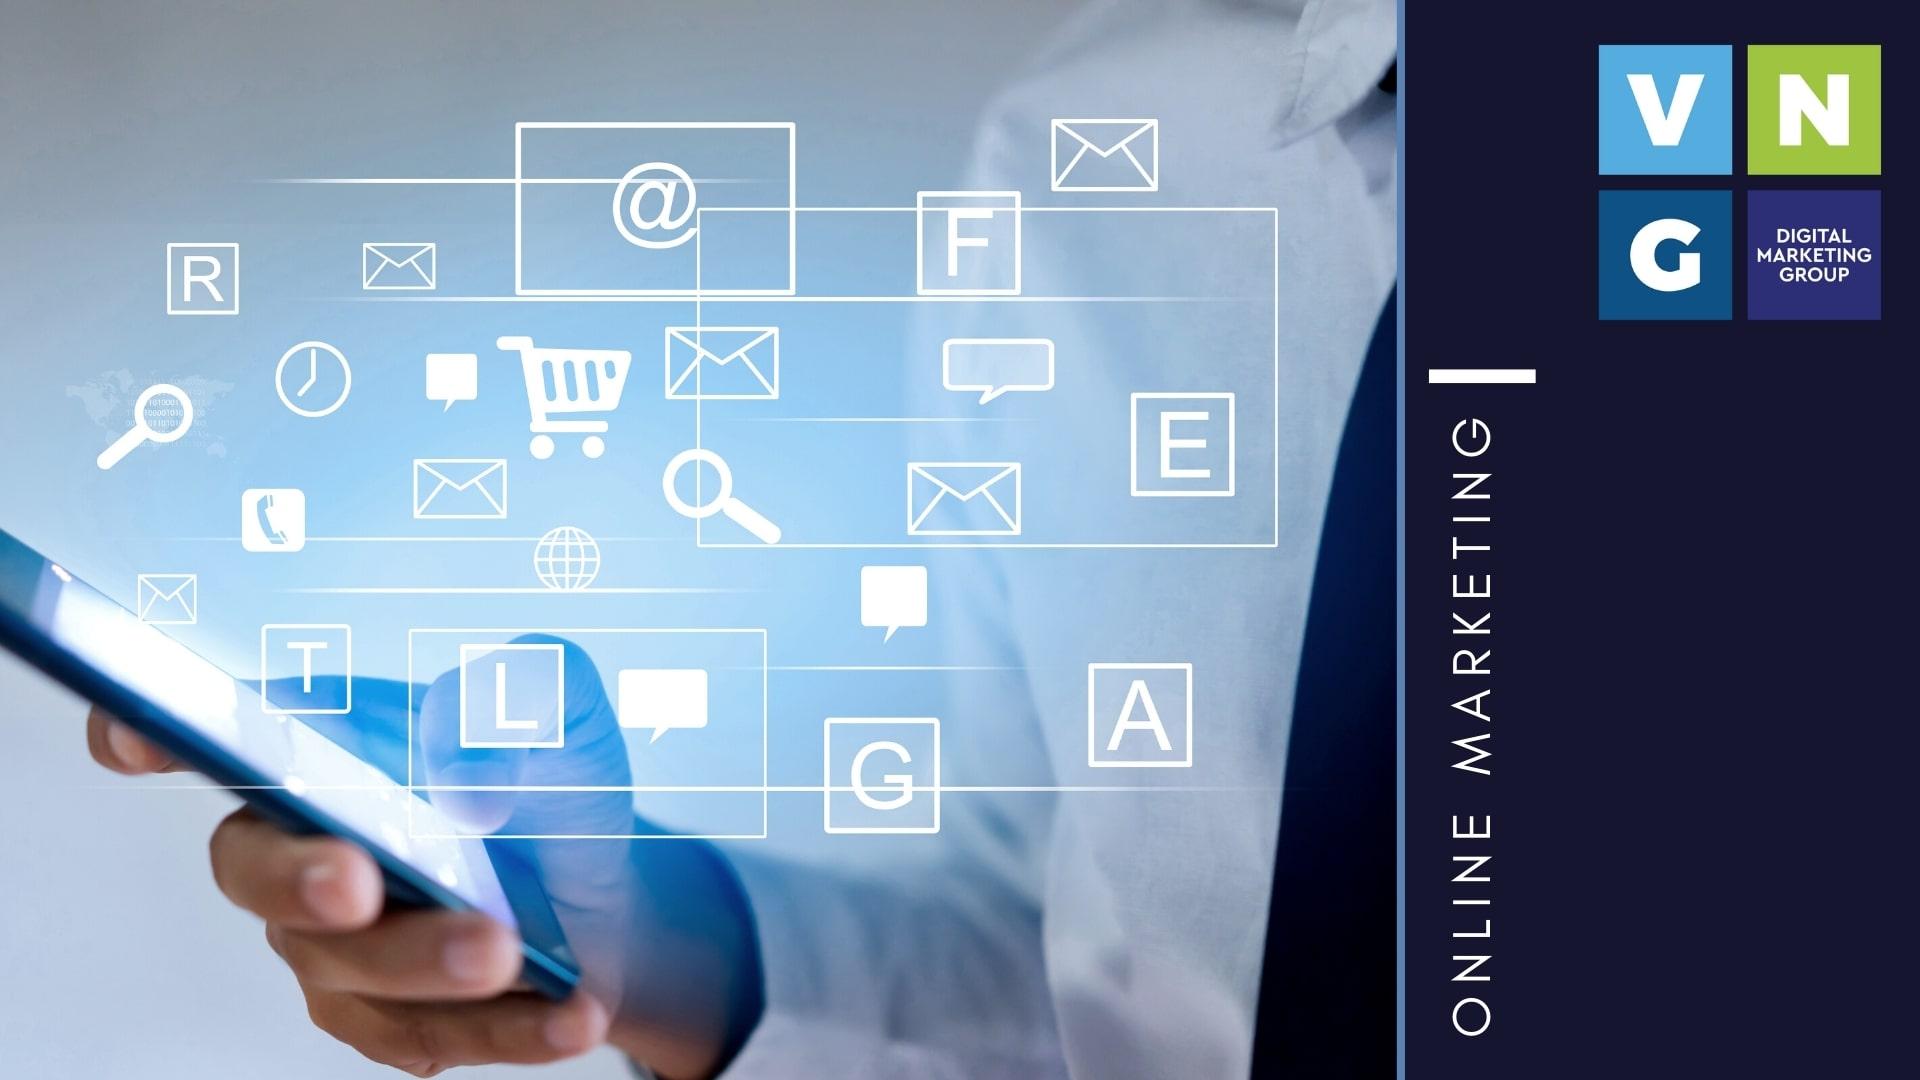 Συμβουλές για να αυξήσετε άμεσα τις online πωλήσεις σας